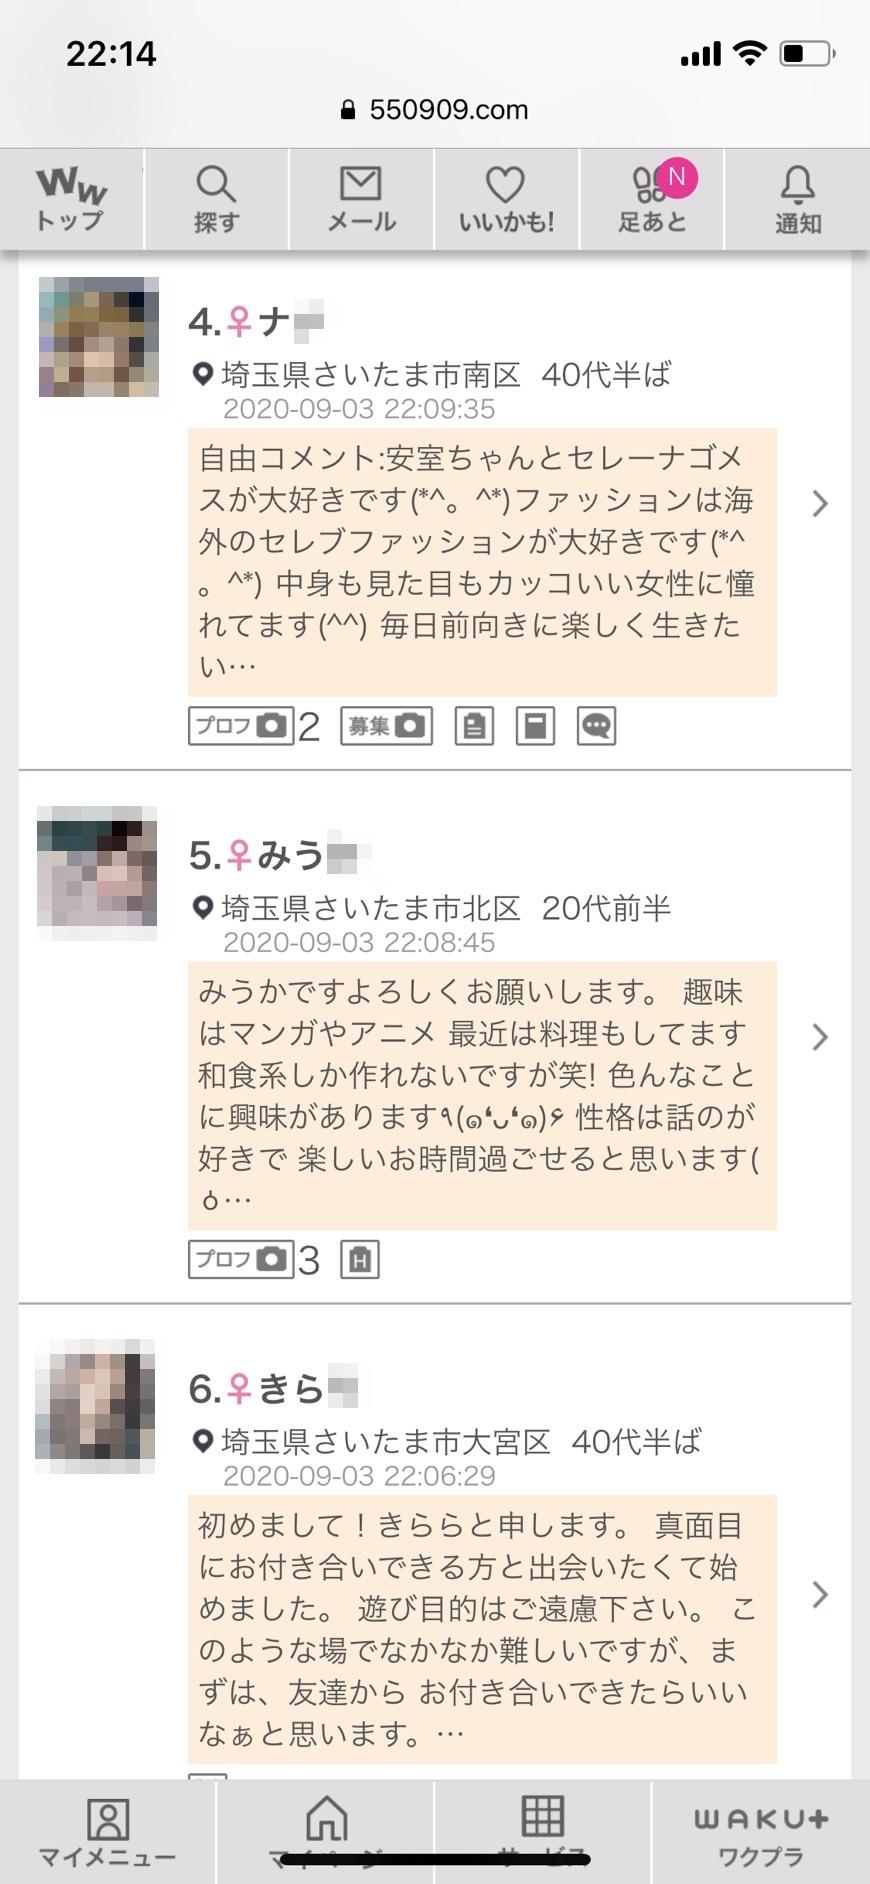 プロフ検索・埼玉割り切り出会い掲示板(ワクワクメール)